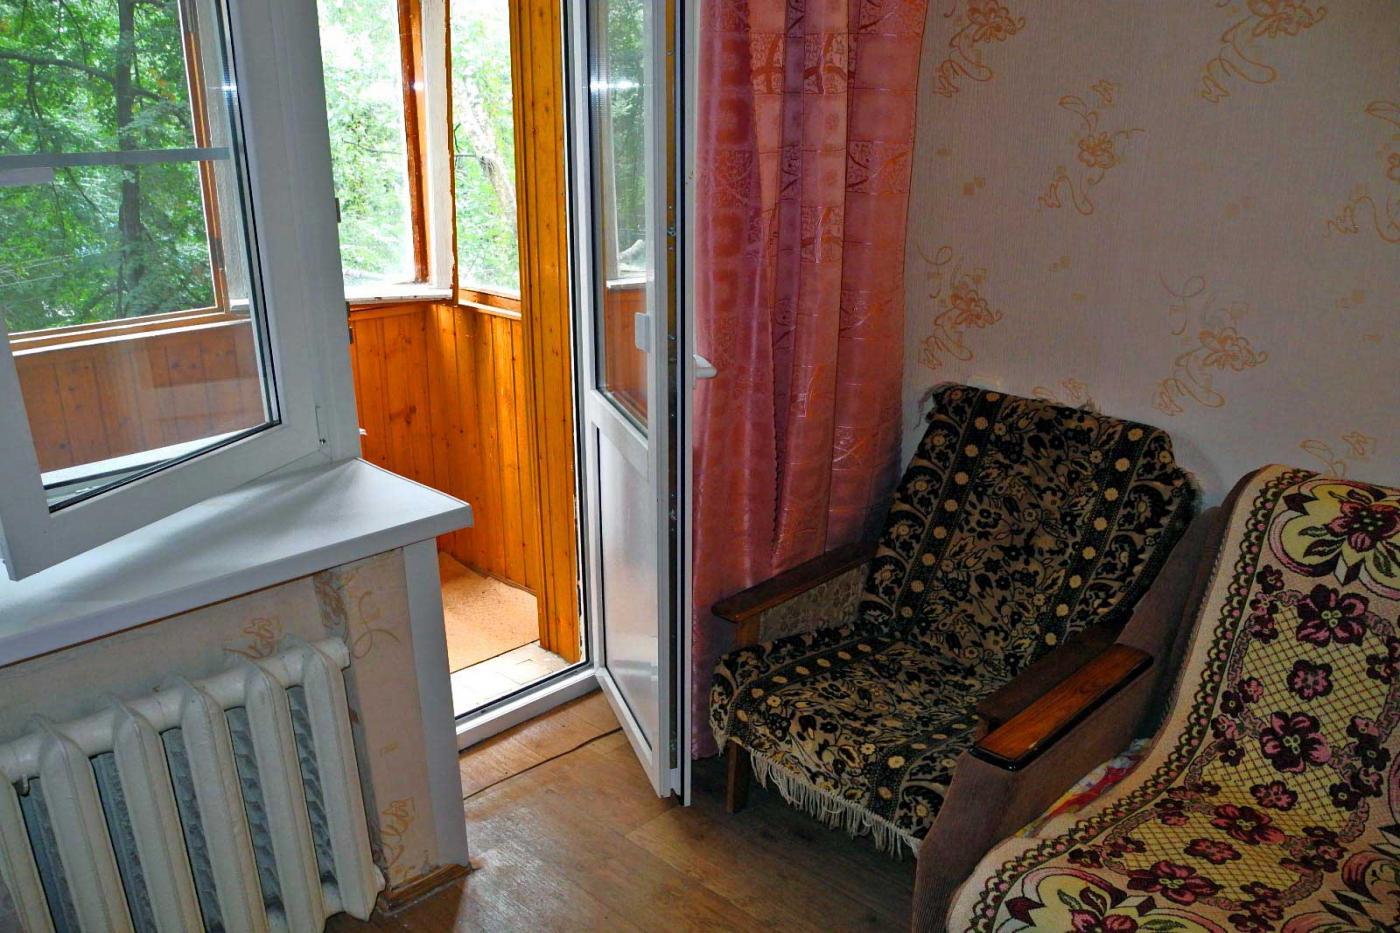 1-комнатная квартира посуточно (вариант № 3858), ул. Кольцовская улица, фото № 10